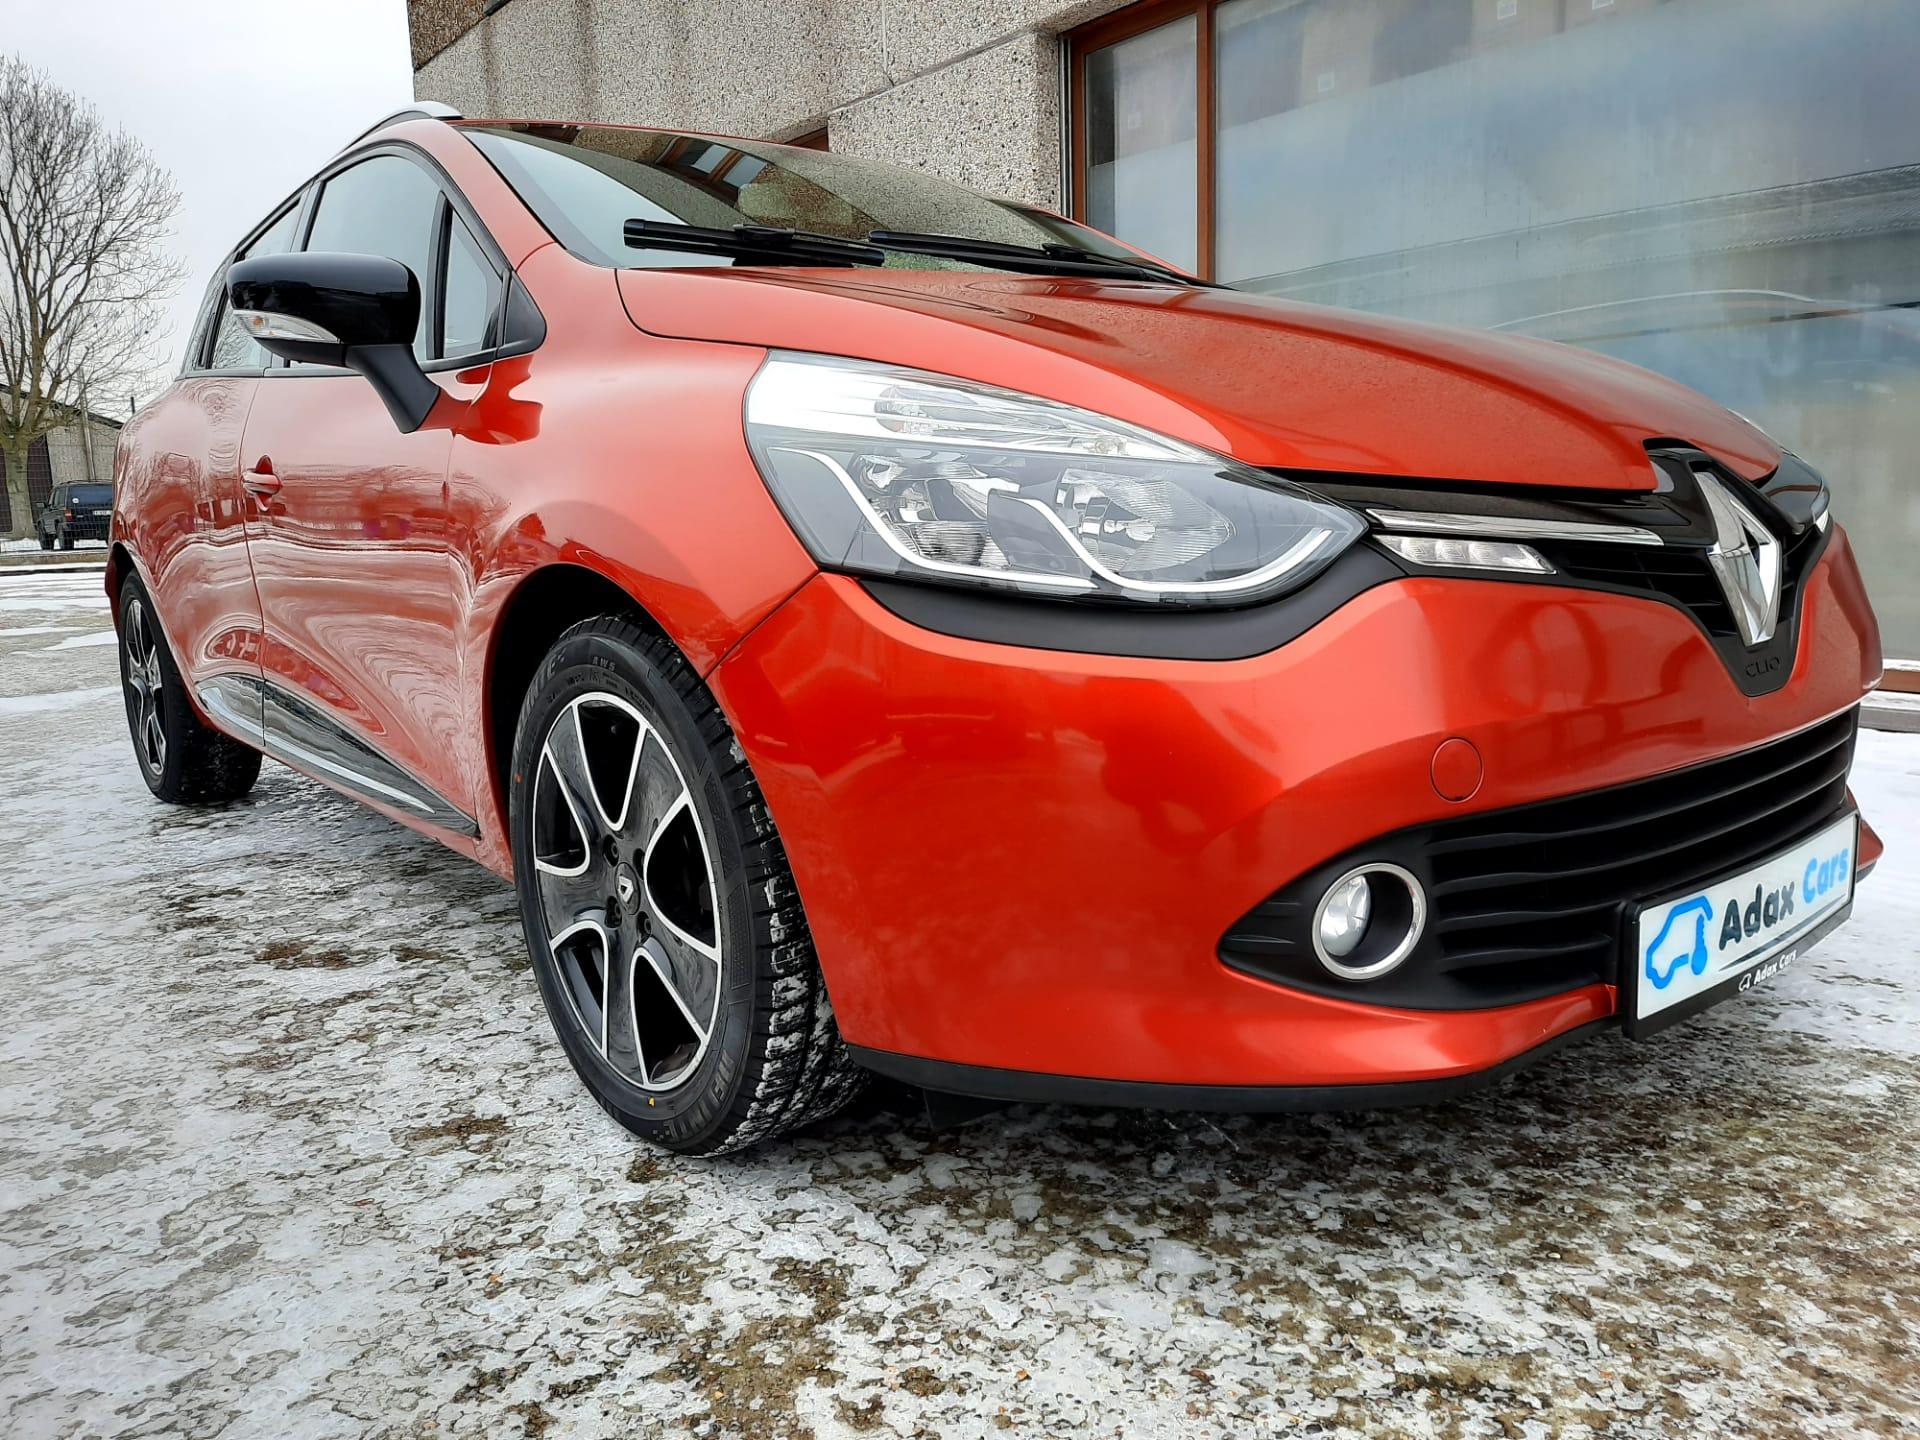 Renault CLIO GRANDTOUR IV DIESEL 1.5 Dci